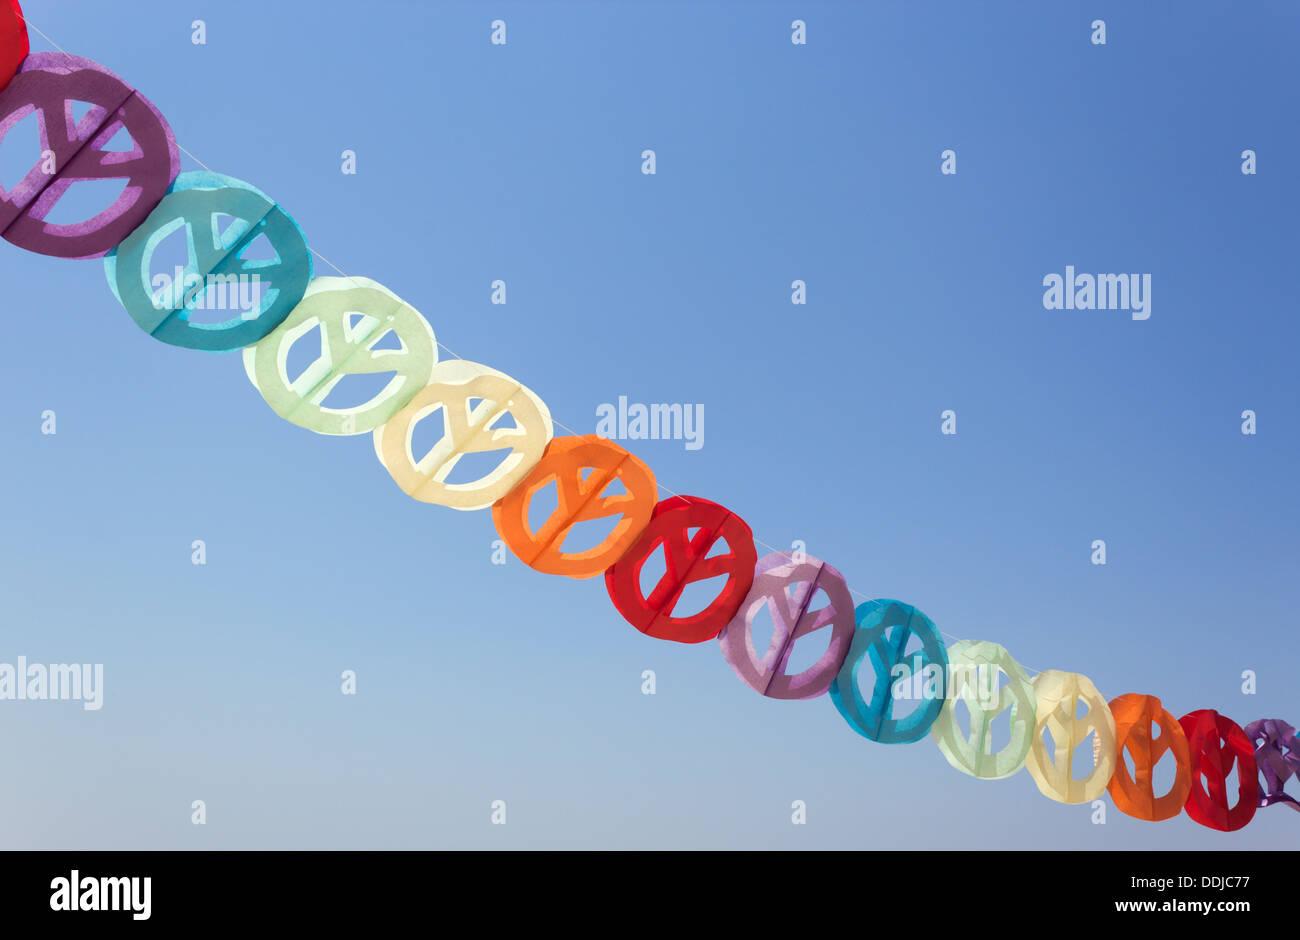 Guirlande papier coloré de signes de paix contre le ciel bleu. Photo Stock